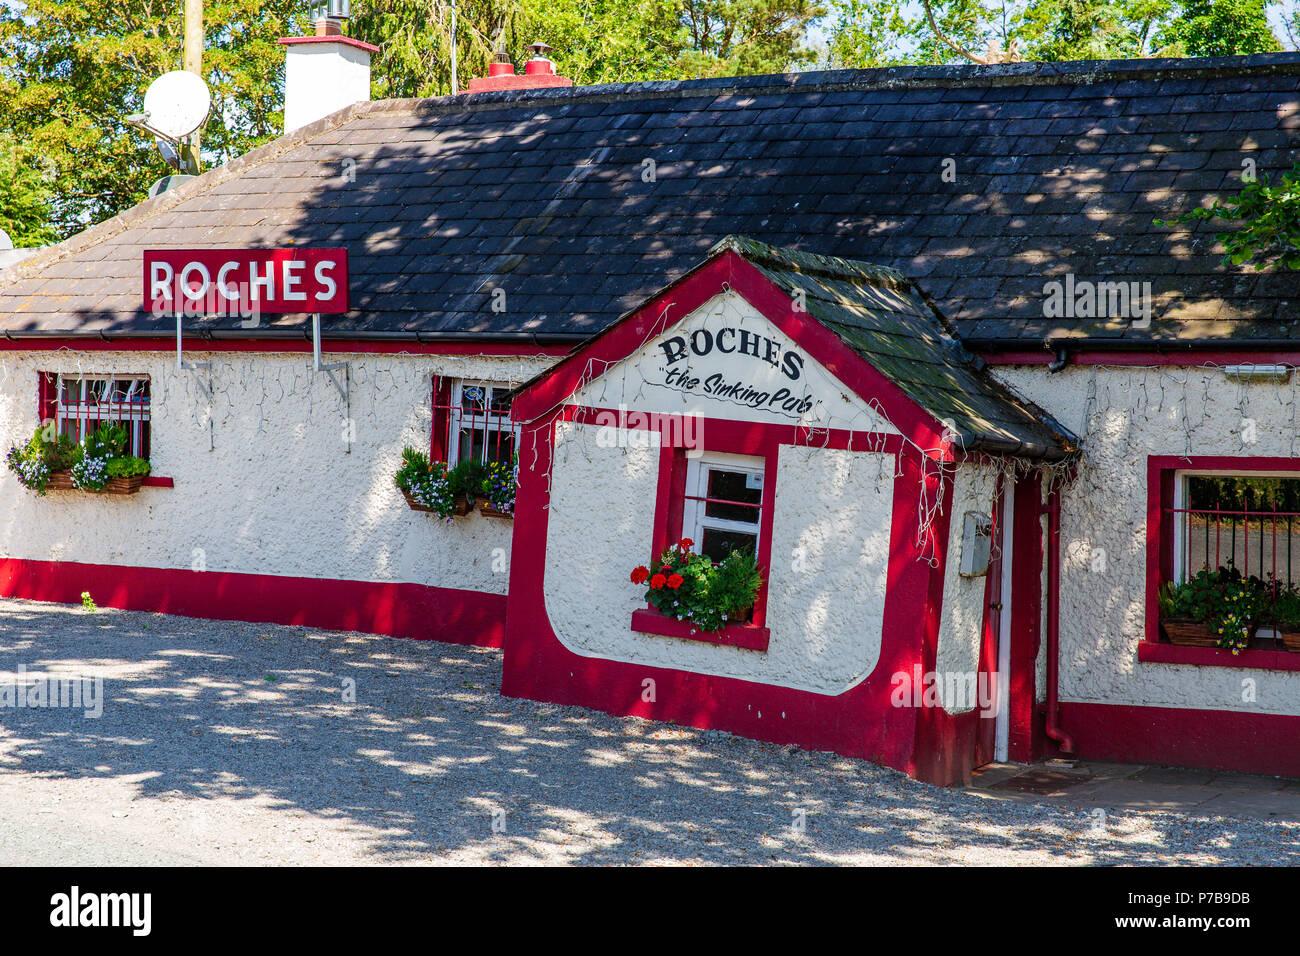 Irish Pub - Roches The Sinking Pub in Donadea, County Kildare, Ireland - Stock Image